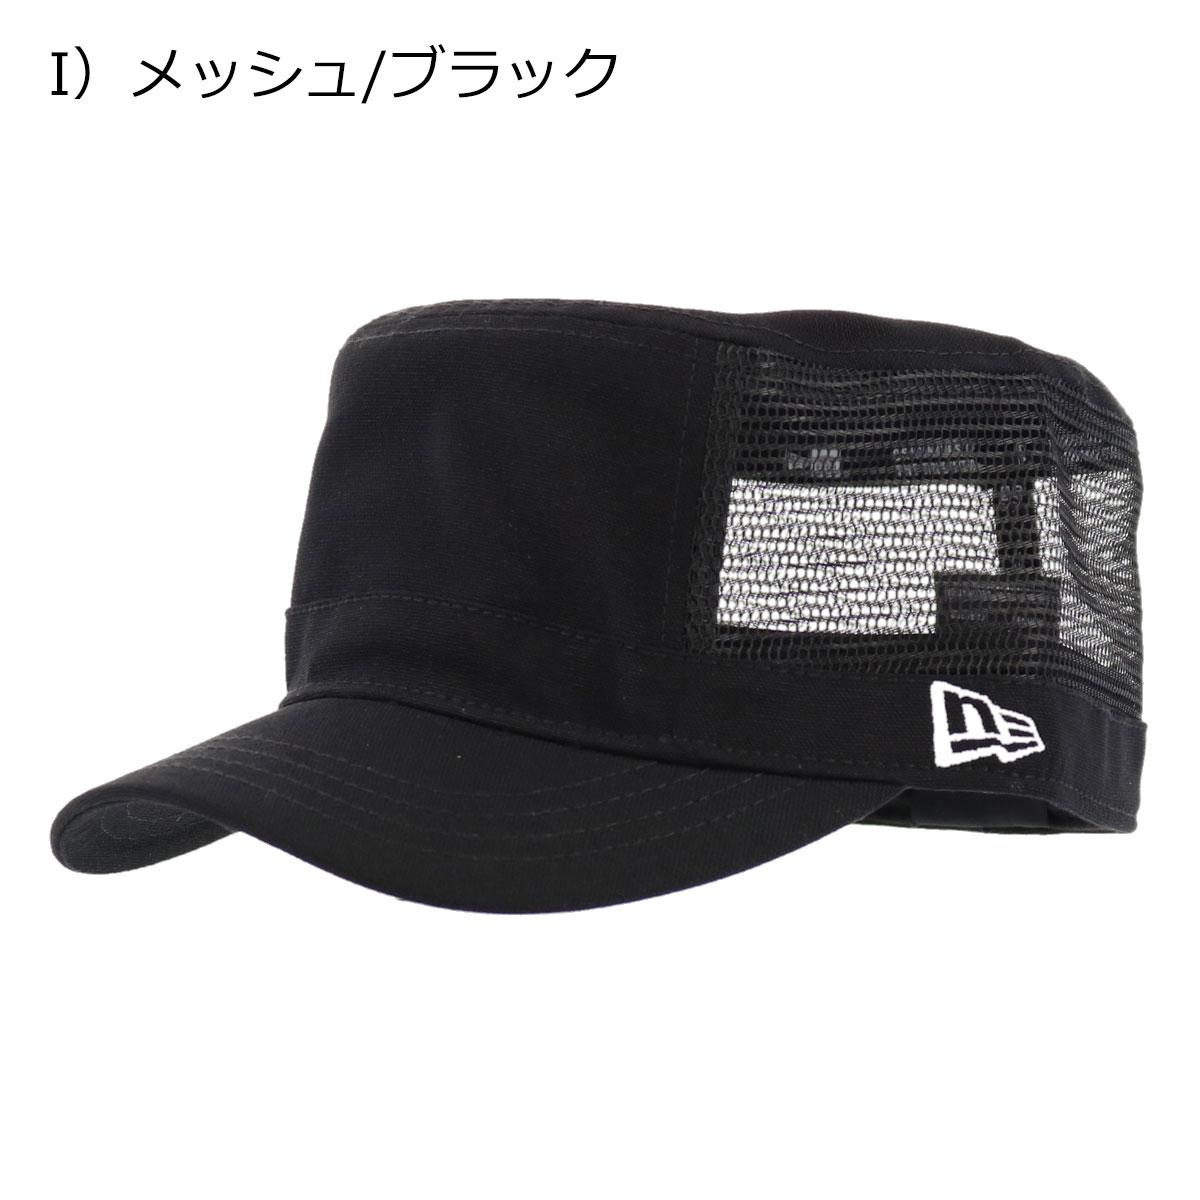 I)メッシュ/ブラック